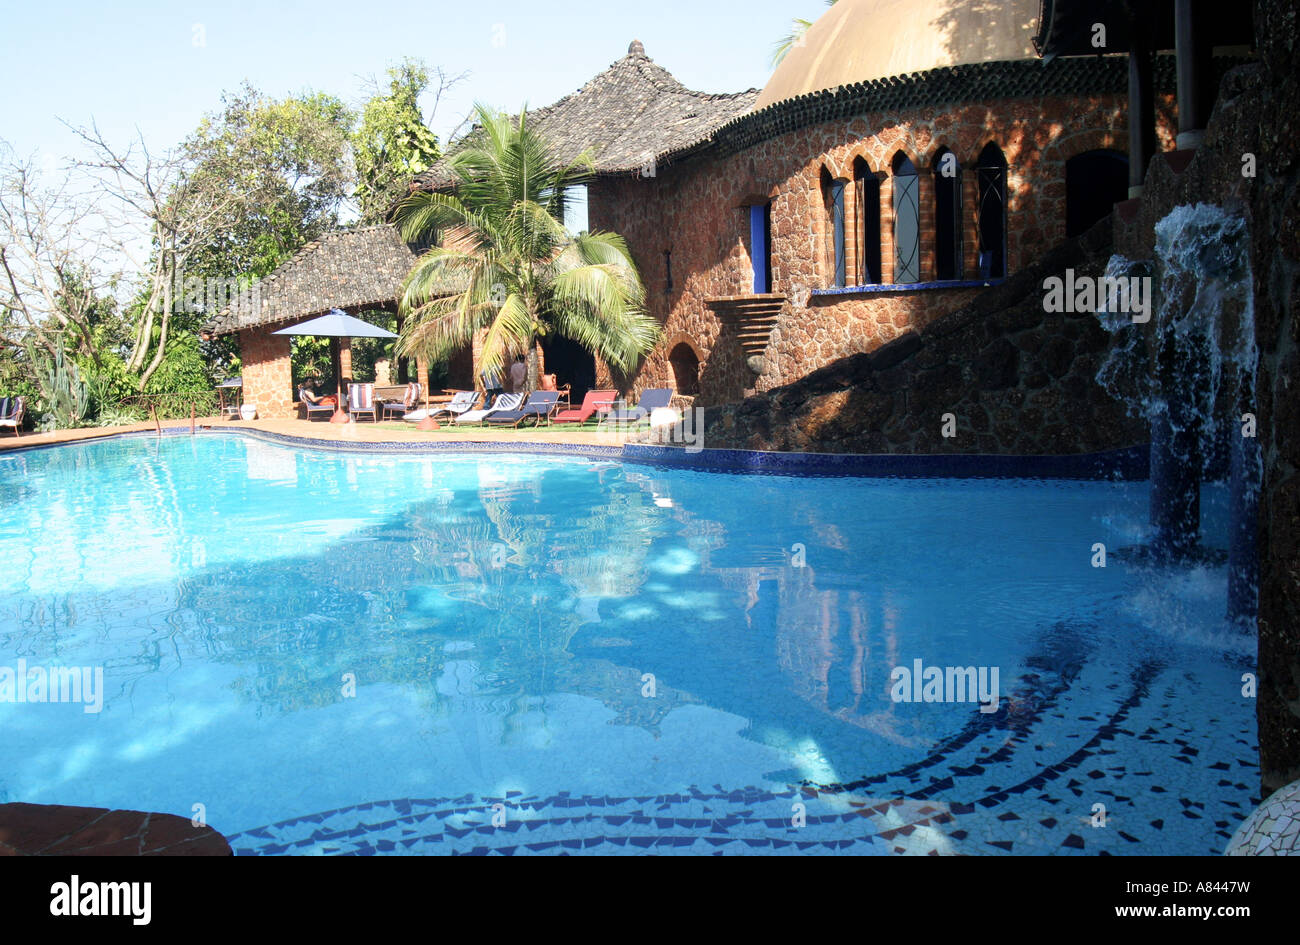 Palm tree frame che la piscina a forma libera con gli spettacolari designer Nilaya Hermitage boutique hotel in Goa Immagini Stock